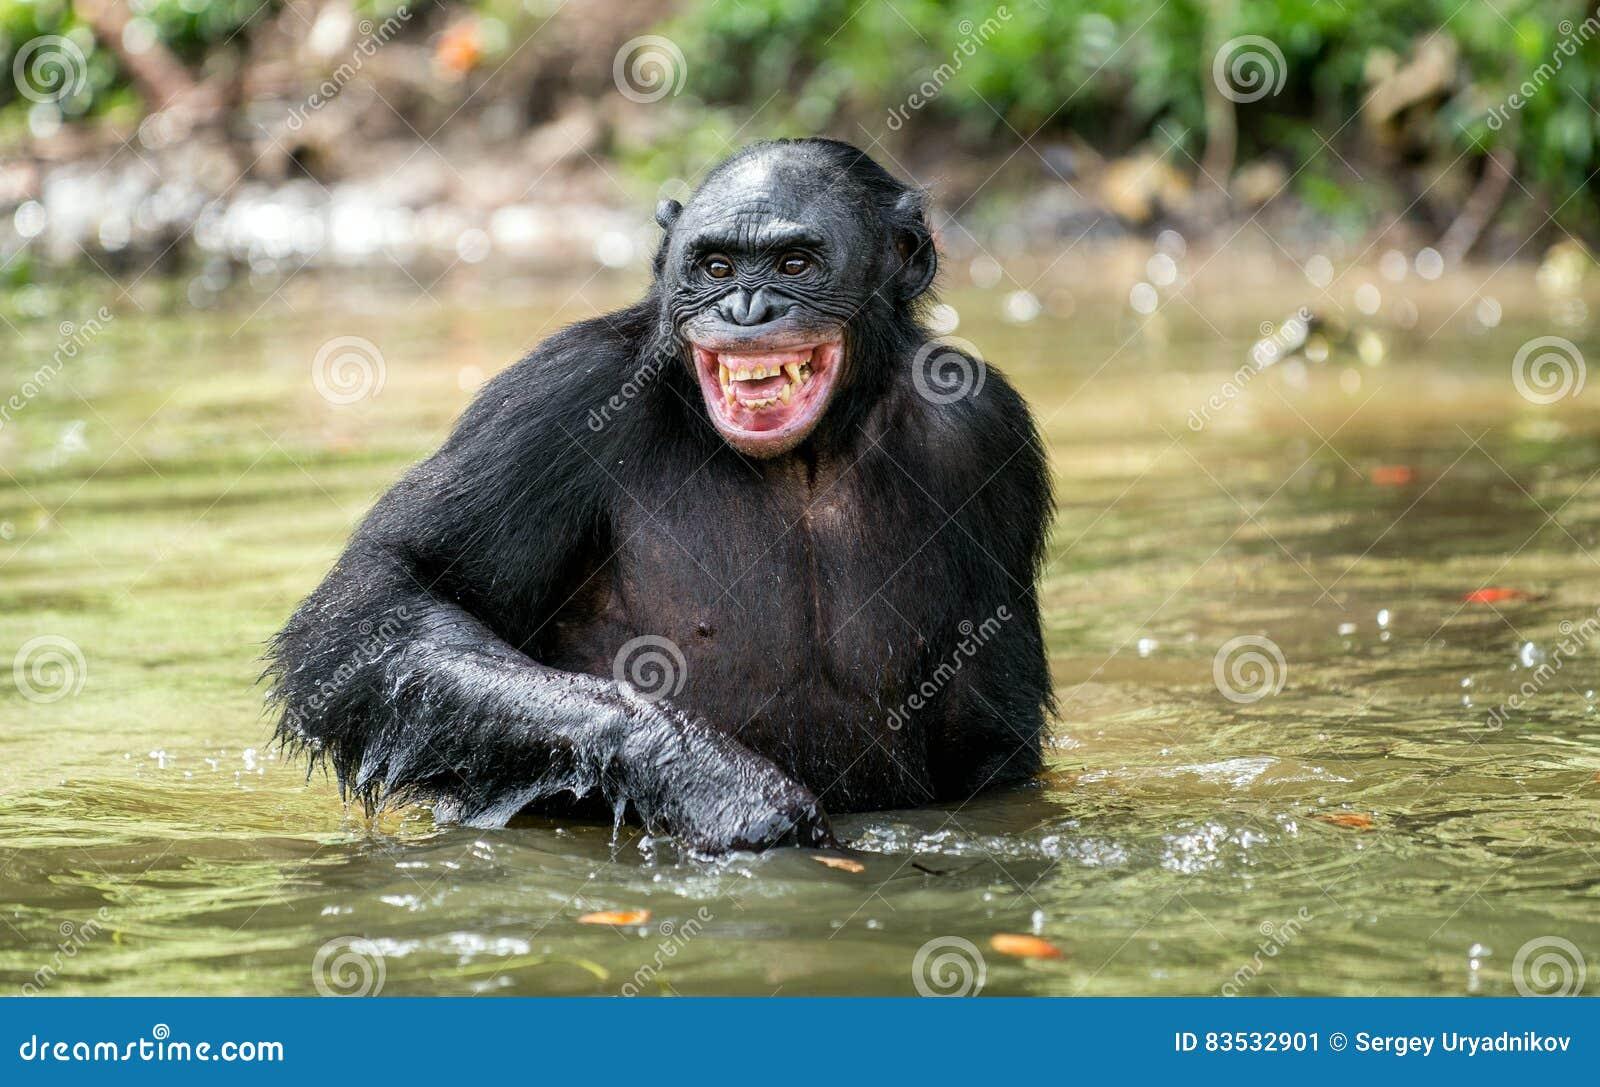 Χαμόγελο του χιμπατζή Bonobo στο νερό